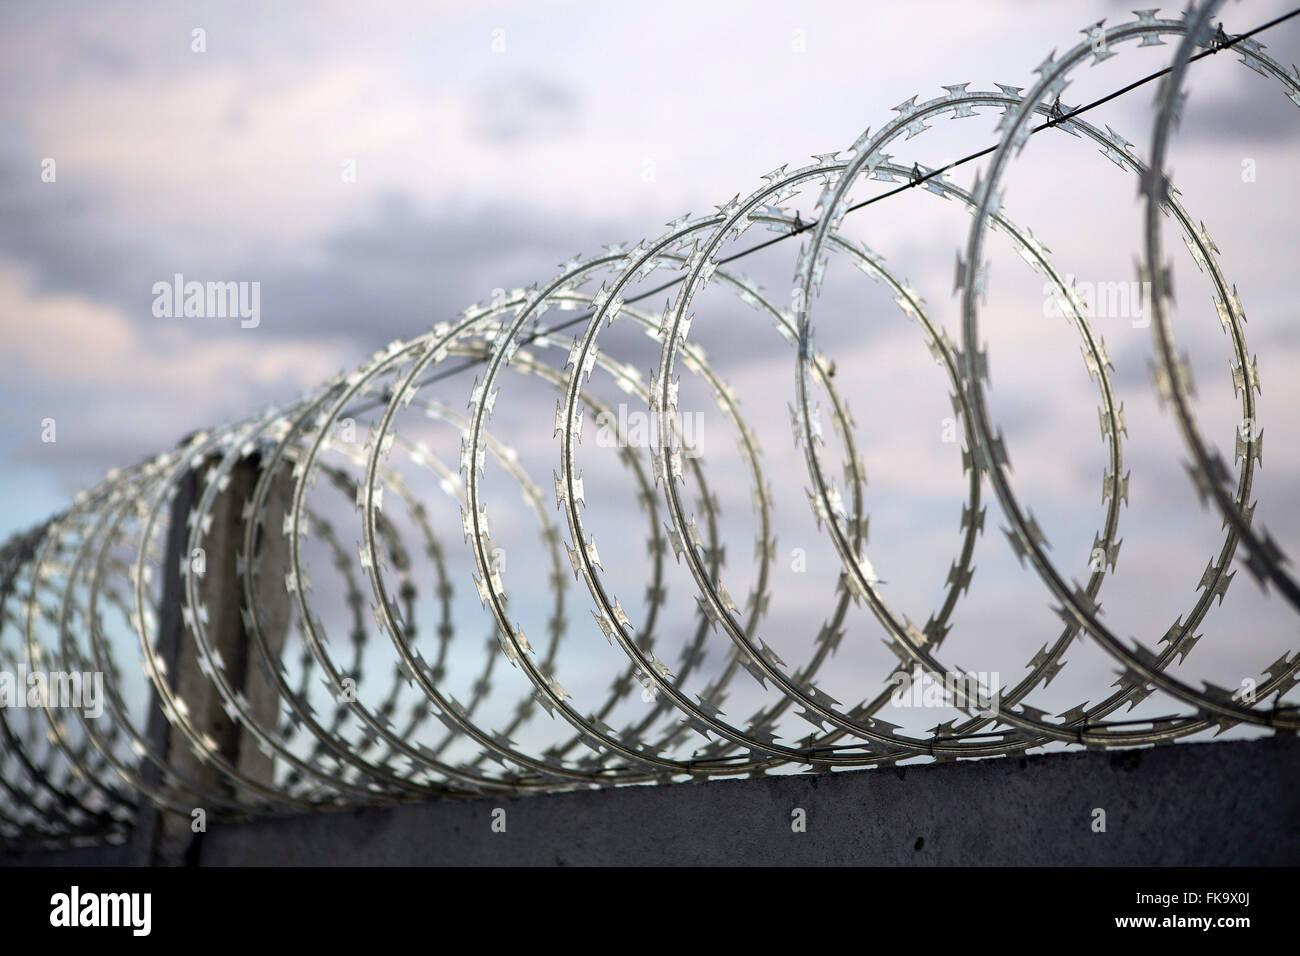 Zaun mit Stacheldraht in einem gesicherten Bereich des Windparks Quelle der Winde Stockbild